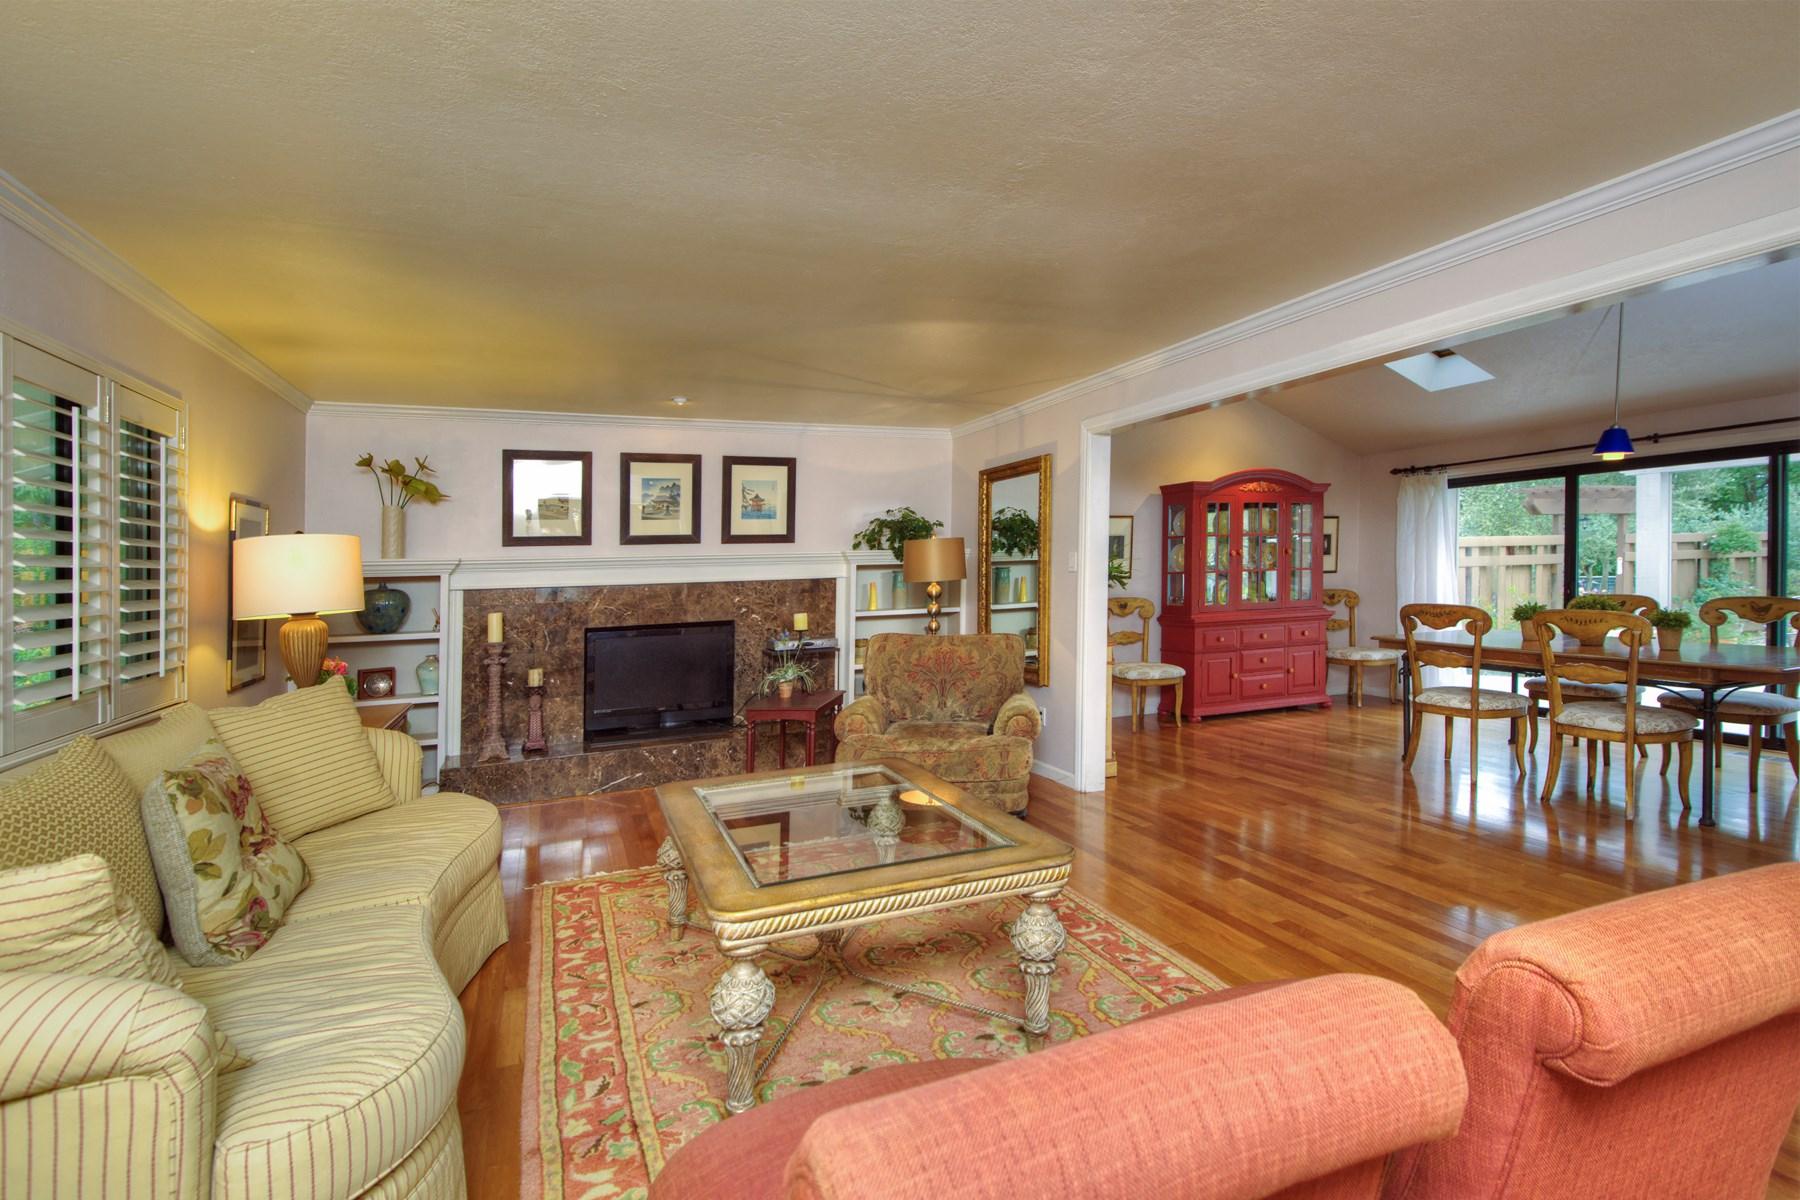 Einfamilienhaus für Verkauf beim Sonoma Country Property 21235 Hyde Rd Sonoma, Kalifornien 95476 Vereinigte Staaten